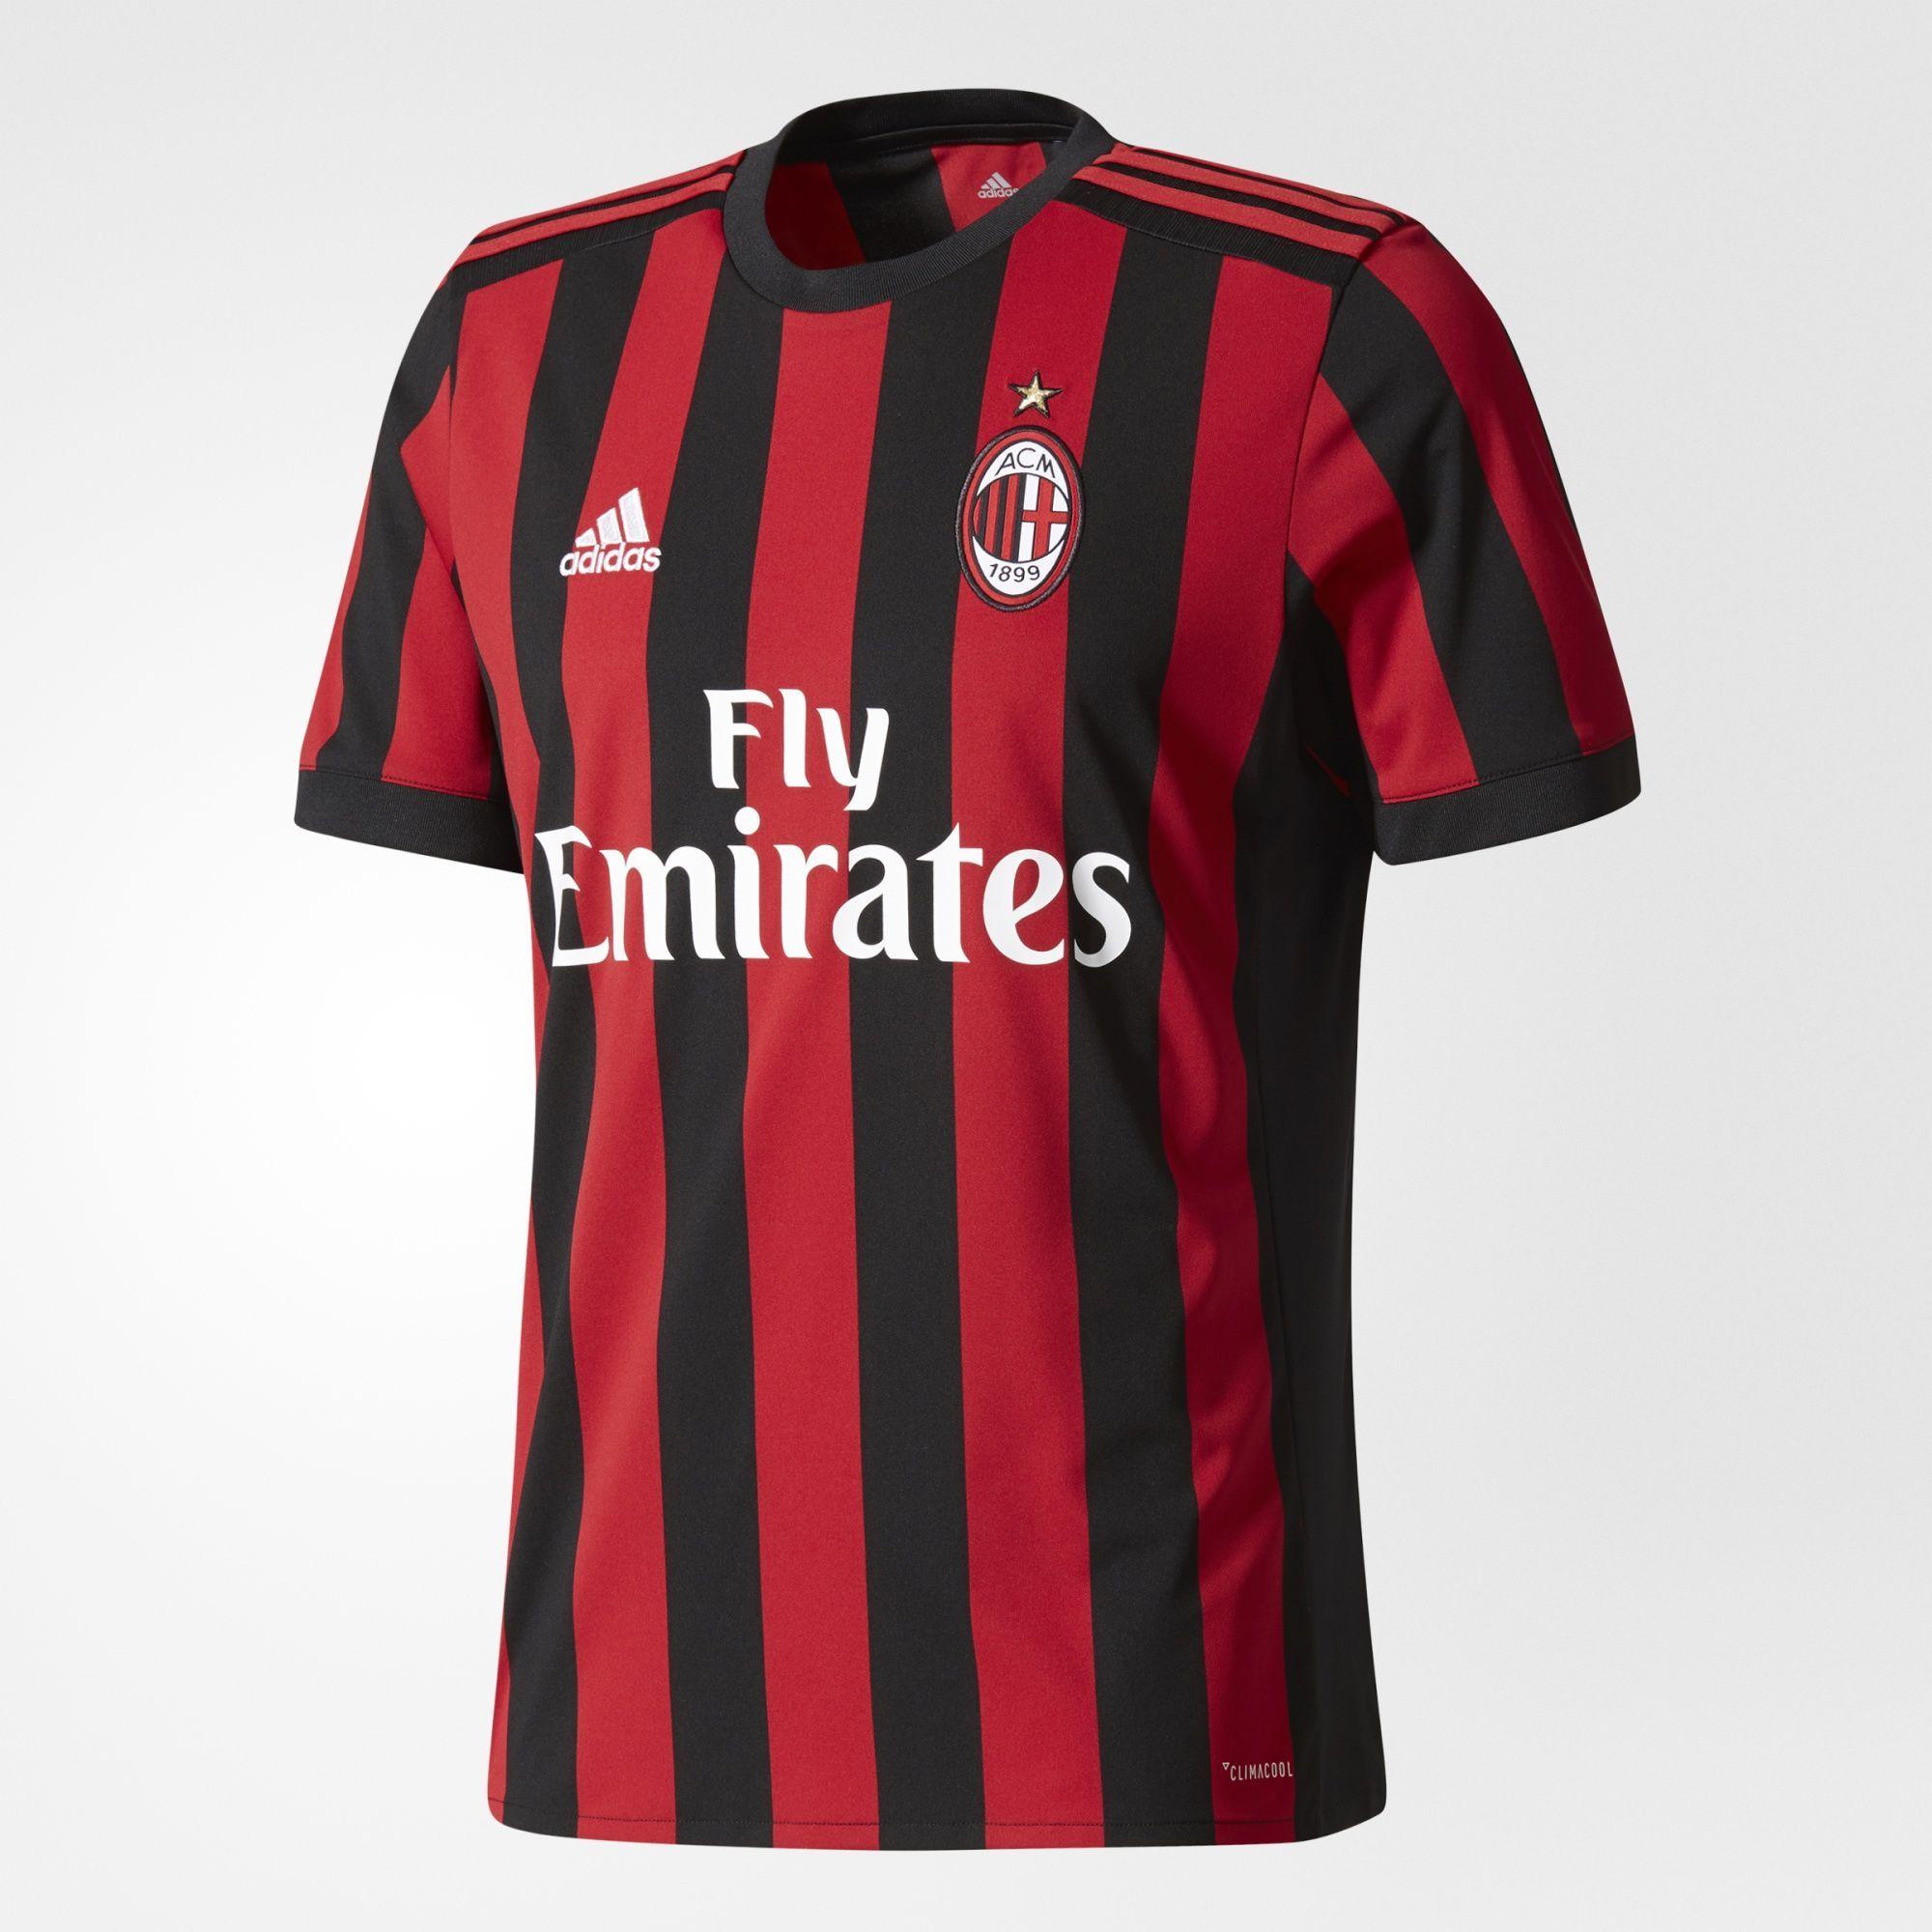 d2d183e4b4310 adidas - Camisa AC Milan 1